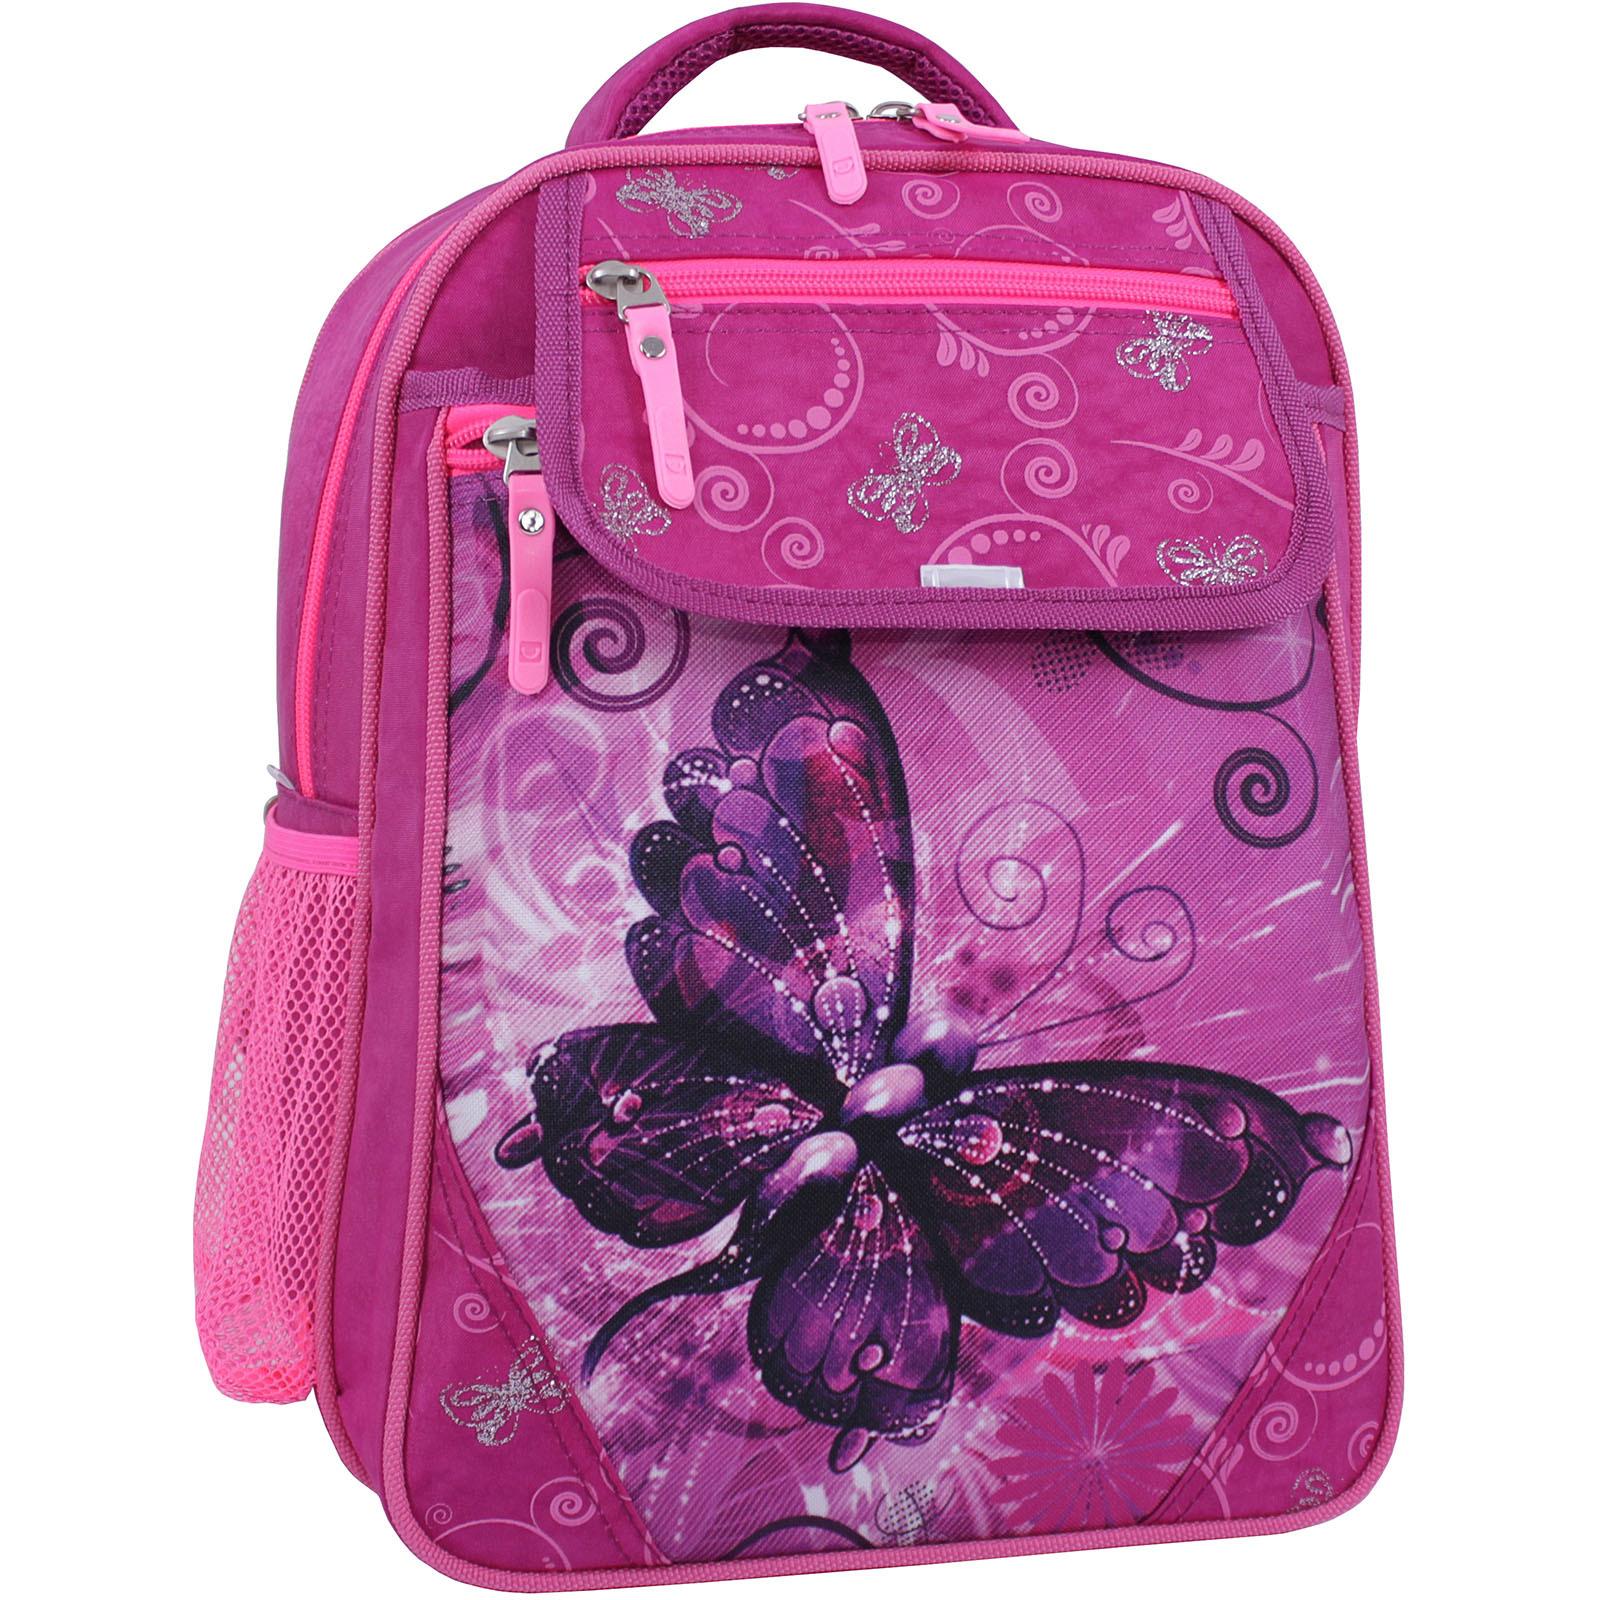 Рюкзак школьный Bagland Отличник 20 л. Малиновый 615 (0058070) фото 1